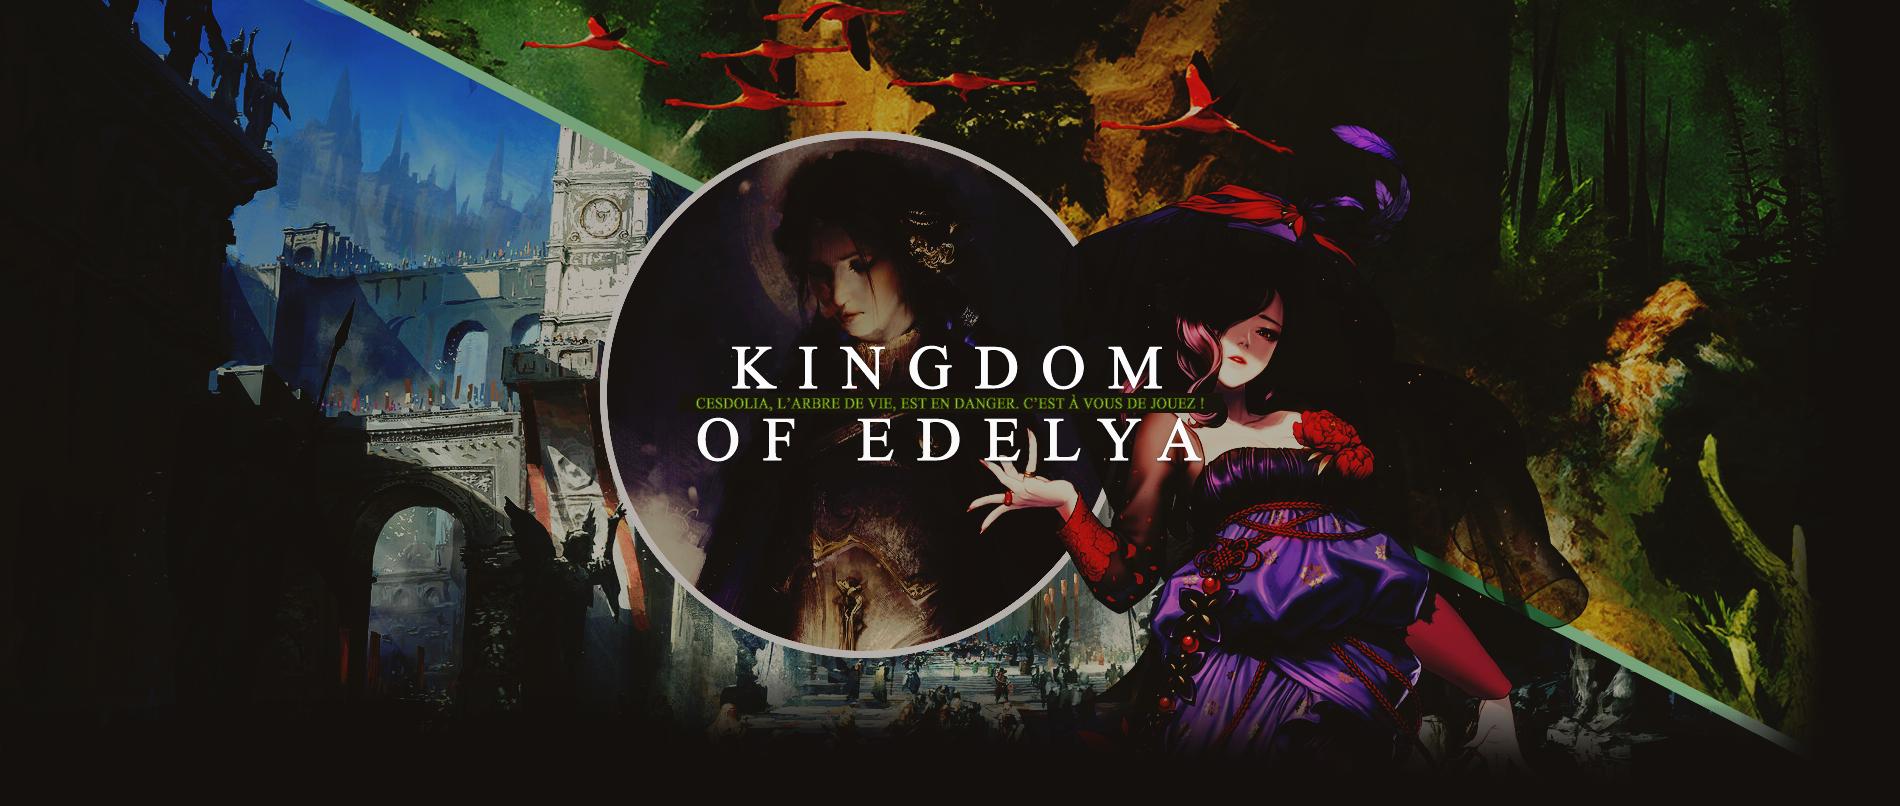 Kingdom of Edelya